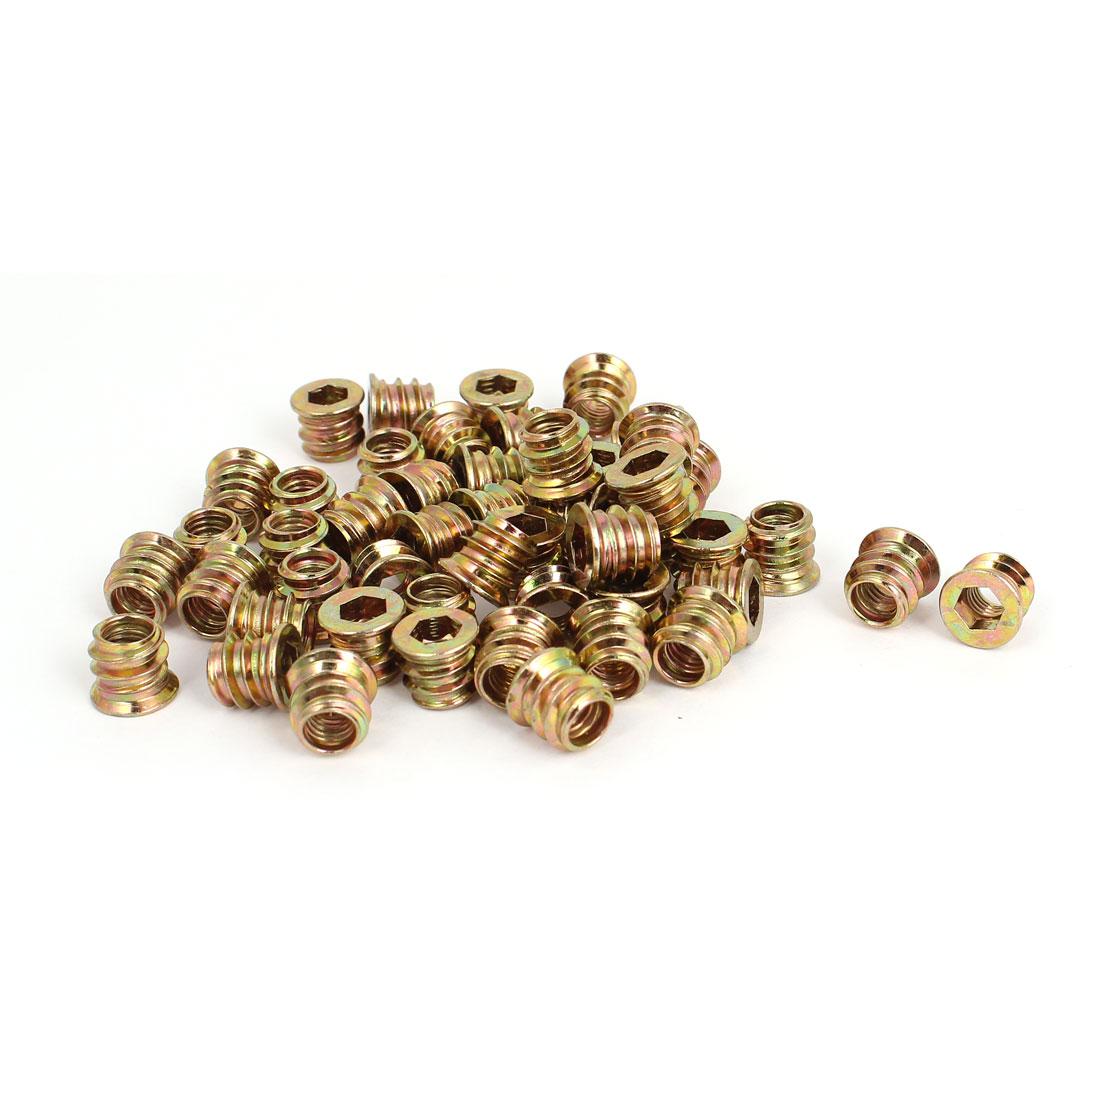 Furniture M6x10mm E-Nut Wood Insert Interface Screws Hexagonal Socket Nuts 50pcs